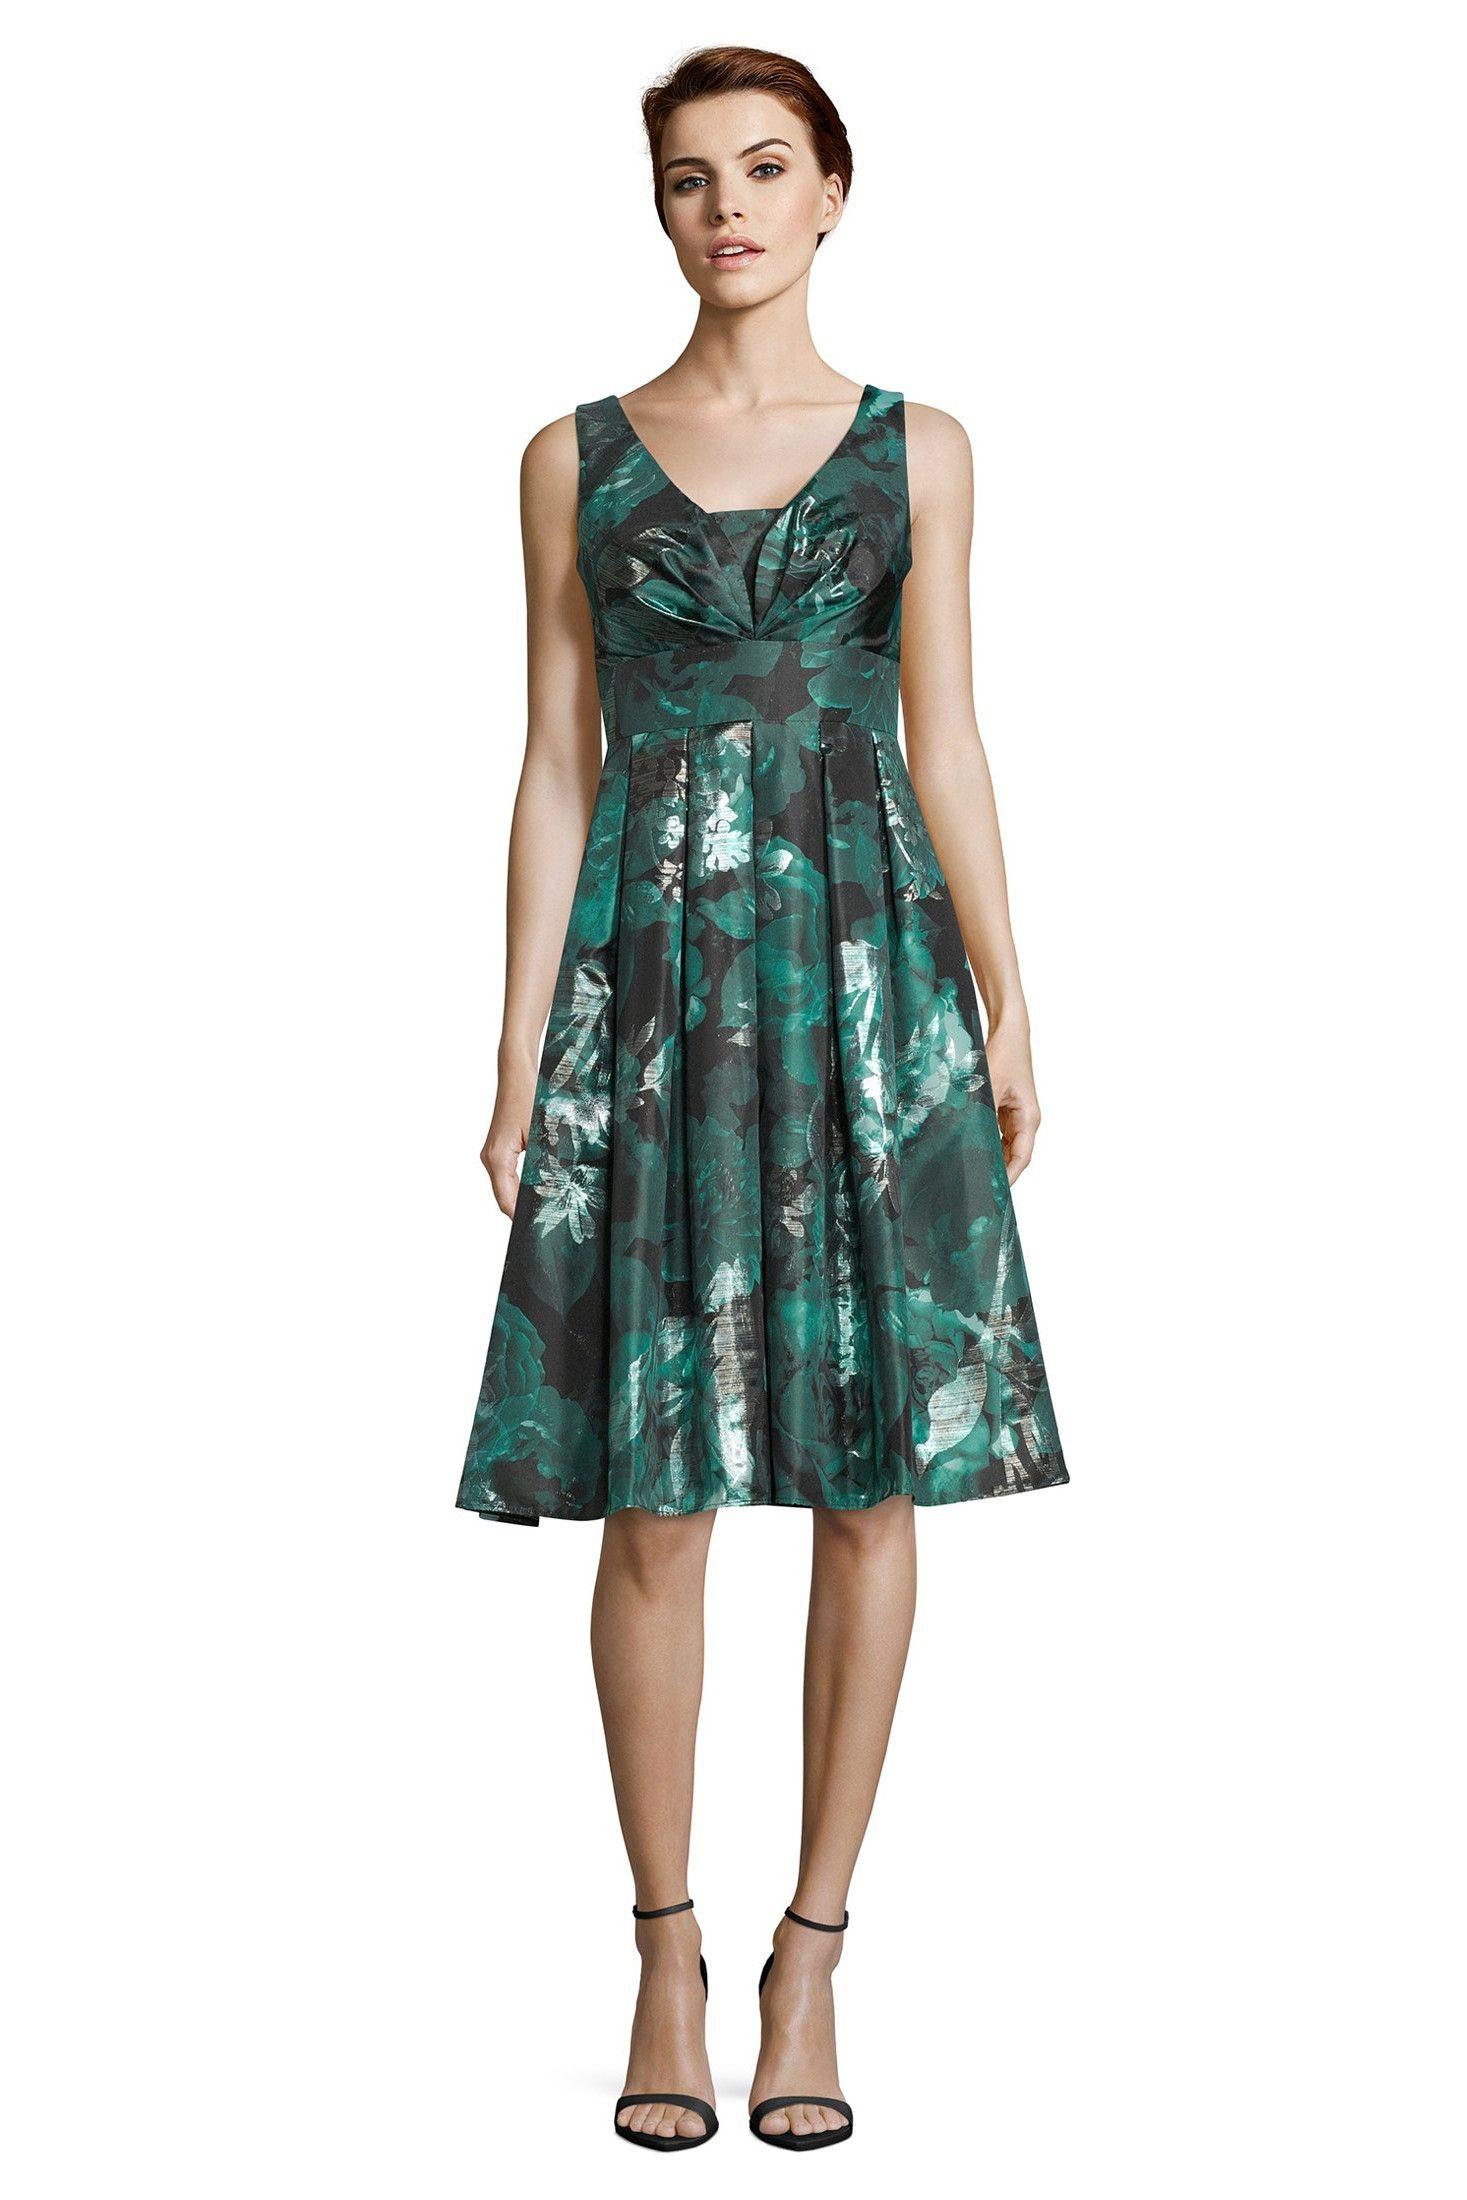 elegantes taftkleid mit hoher taille. #abendkleid